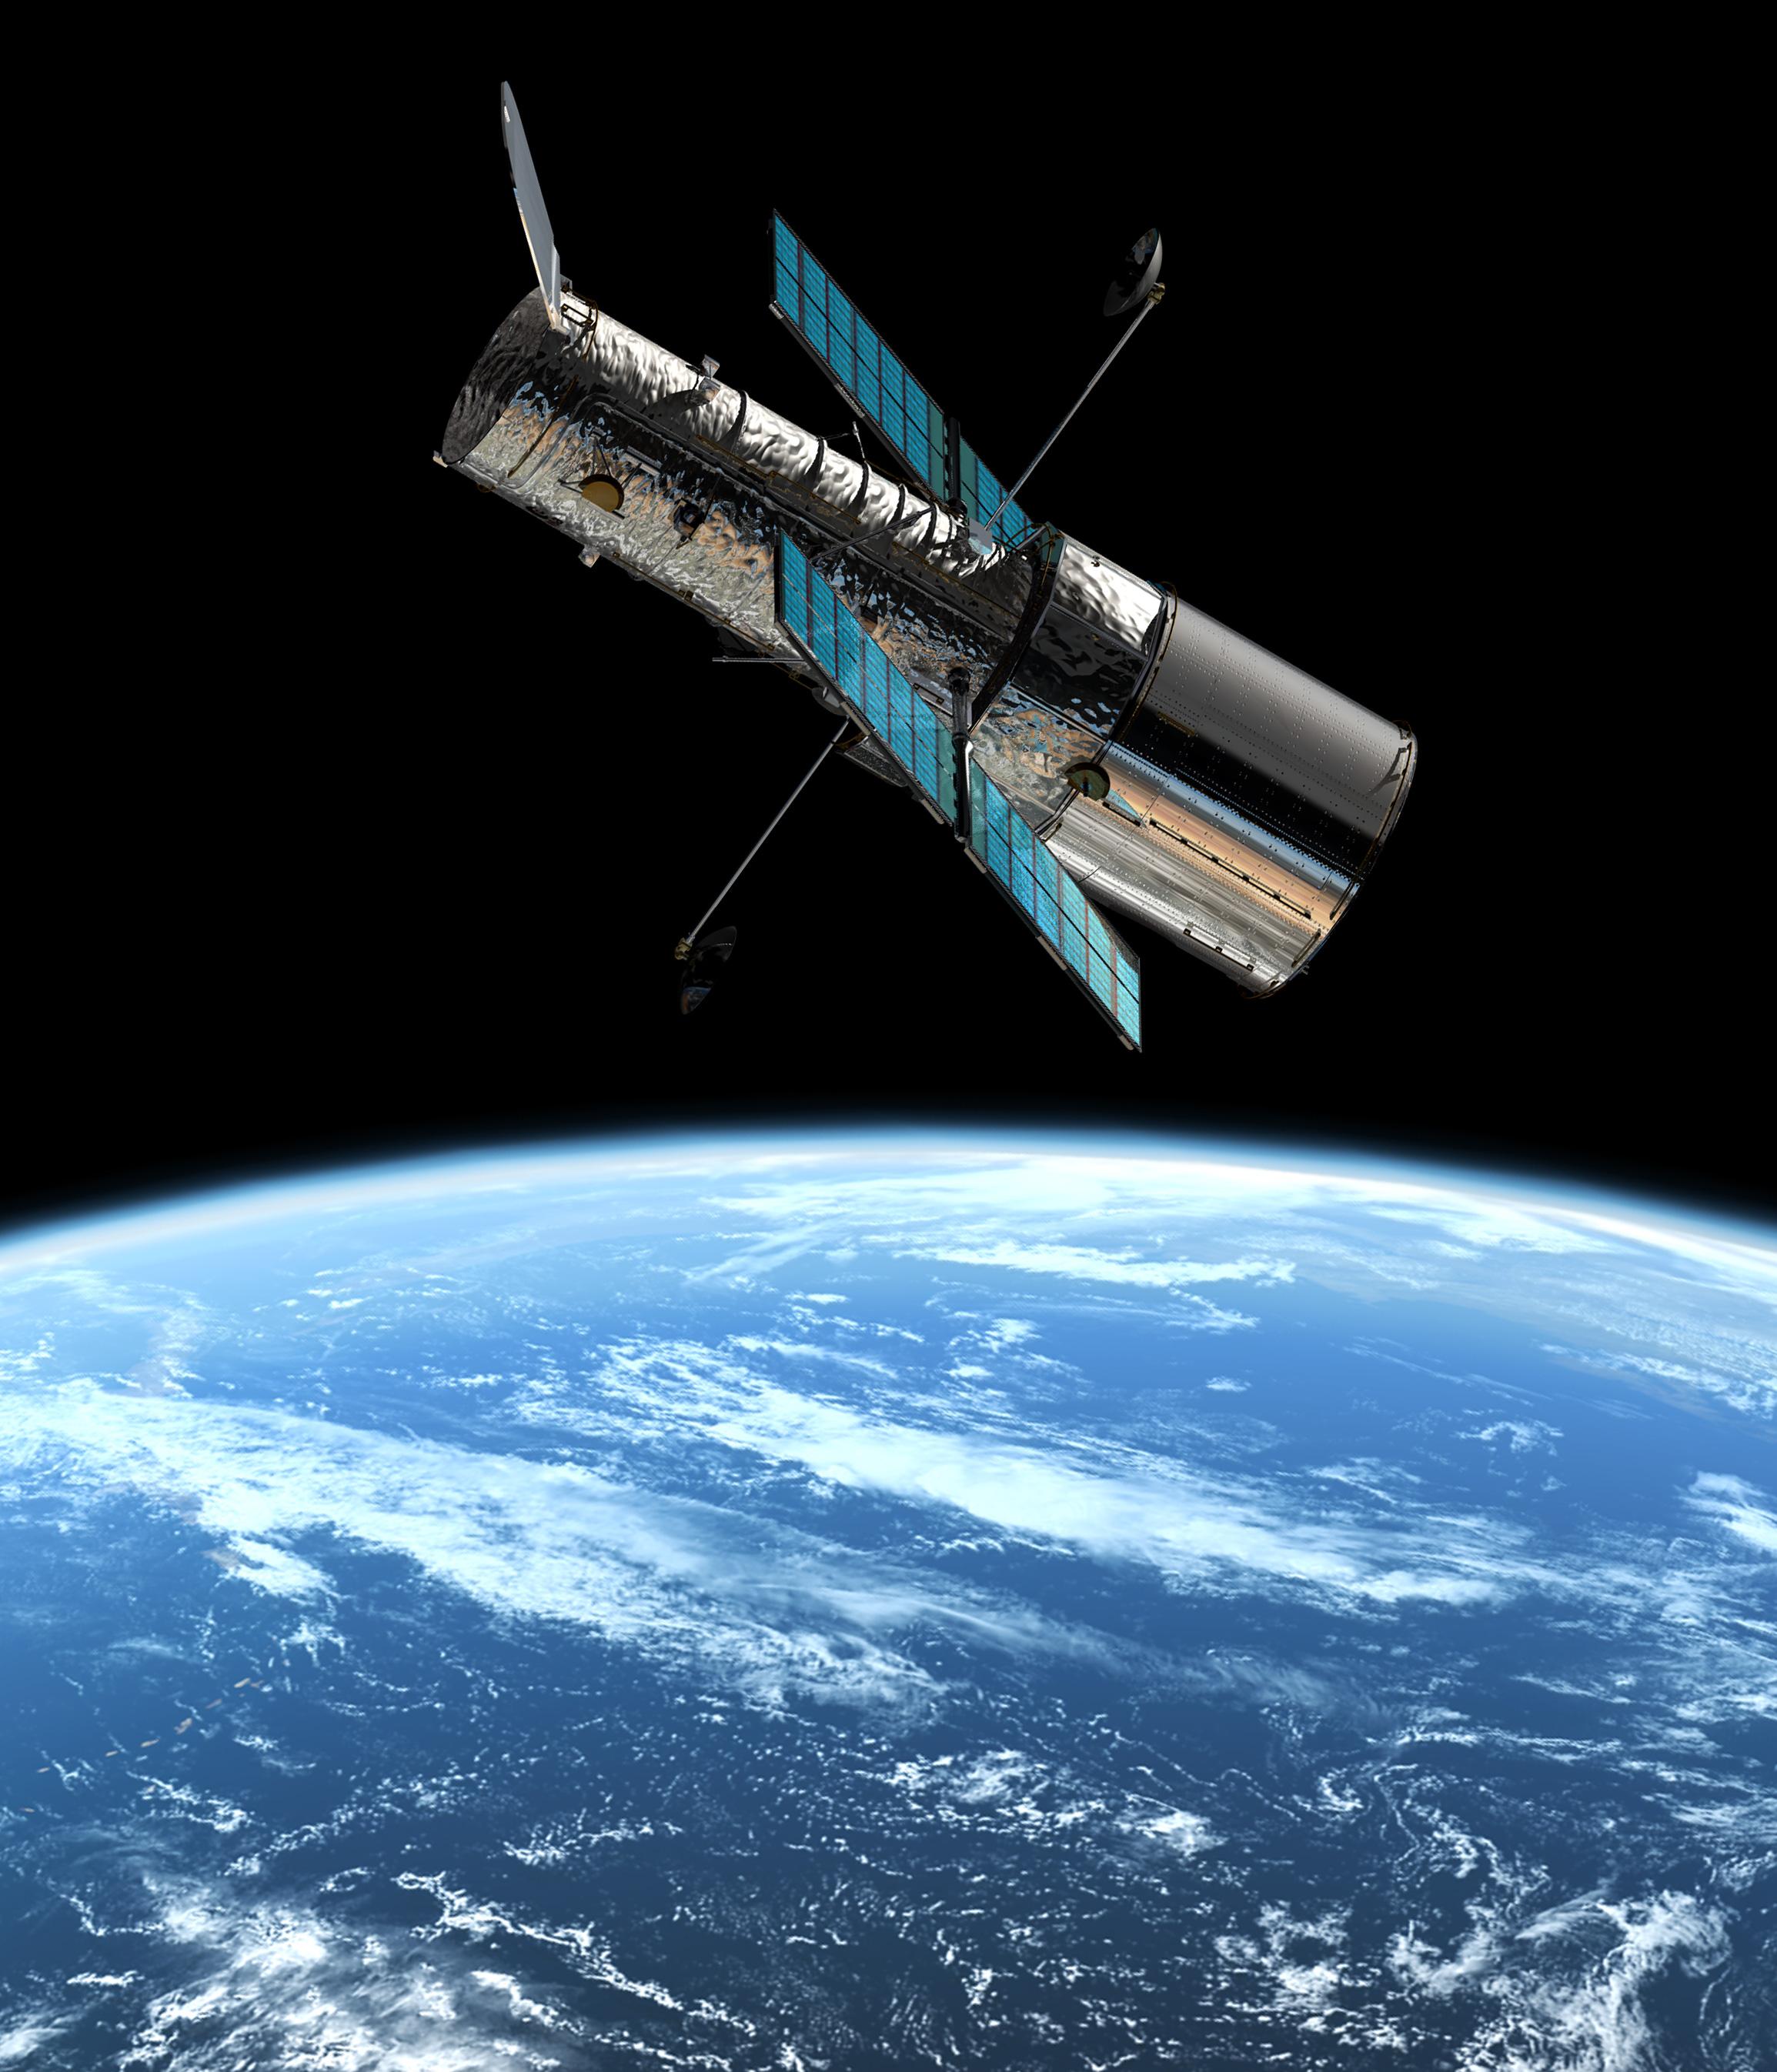 Hubble teleskopioa: 25 urte orbitan unibertsoa arakatzen